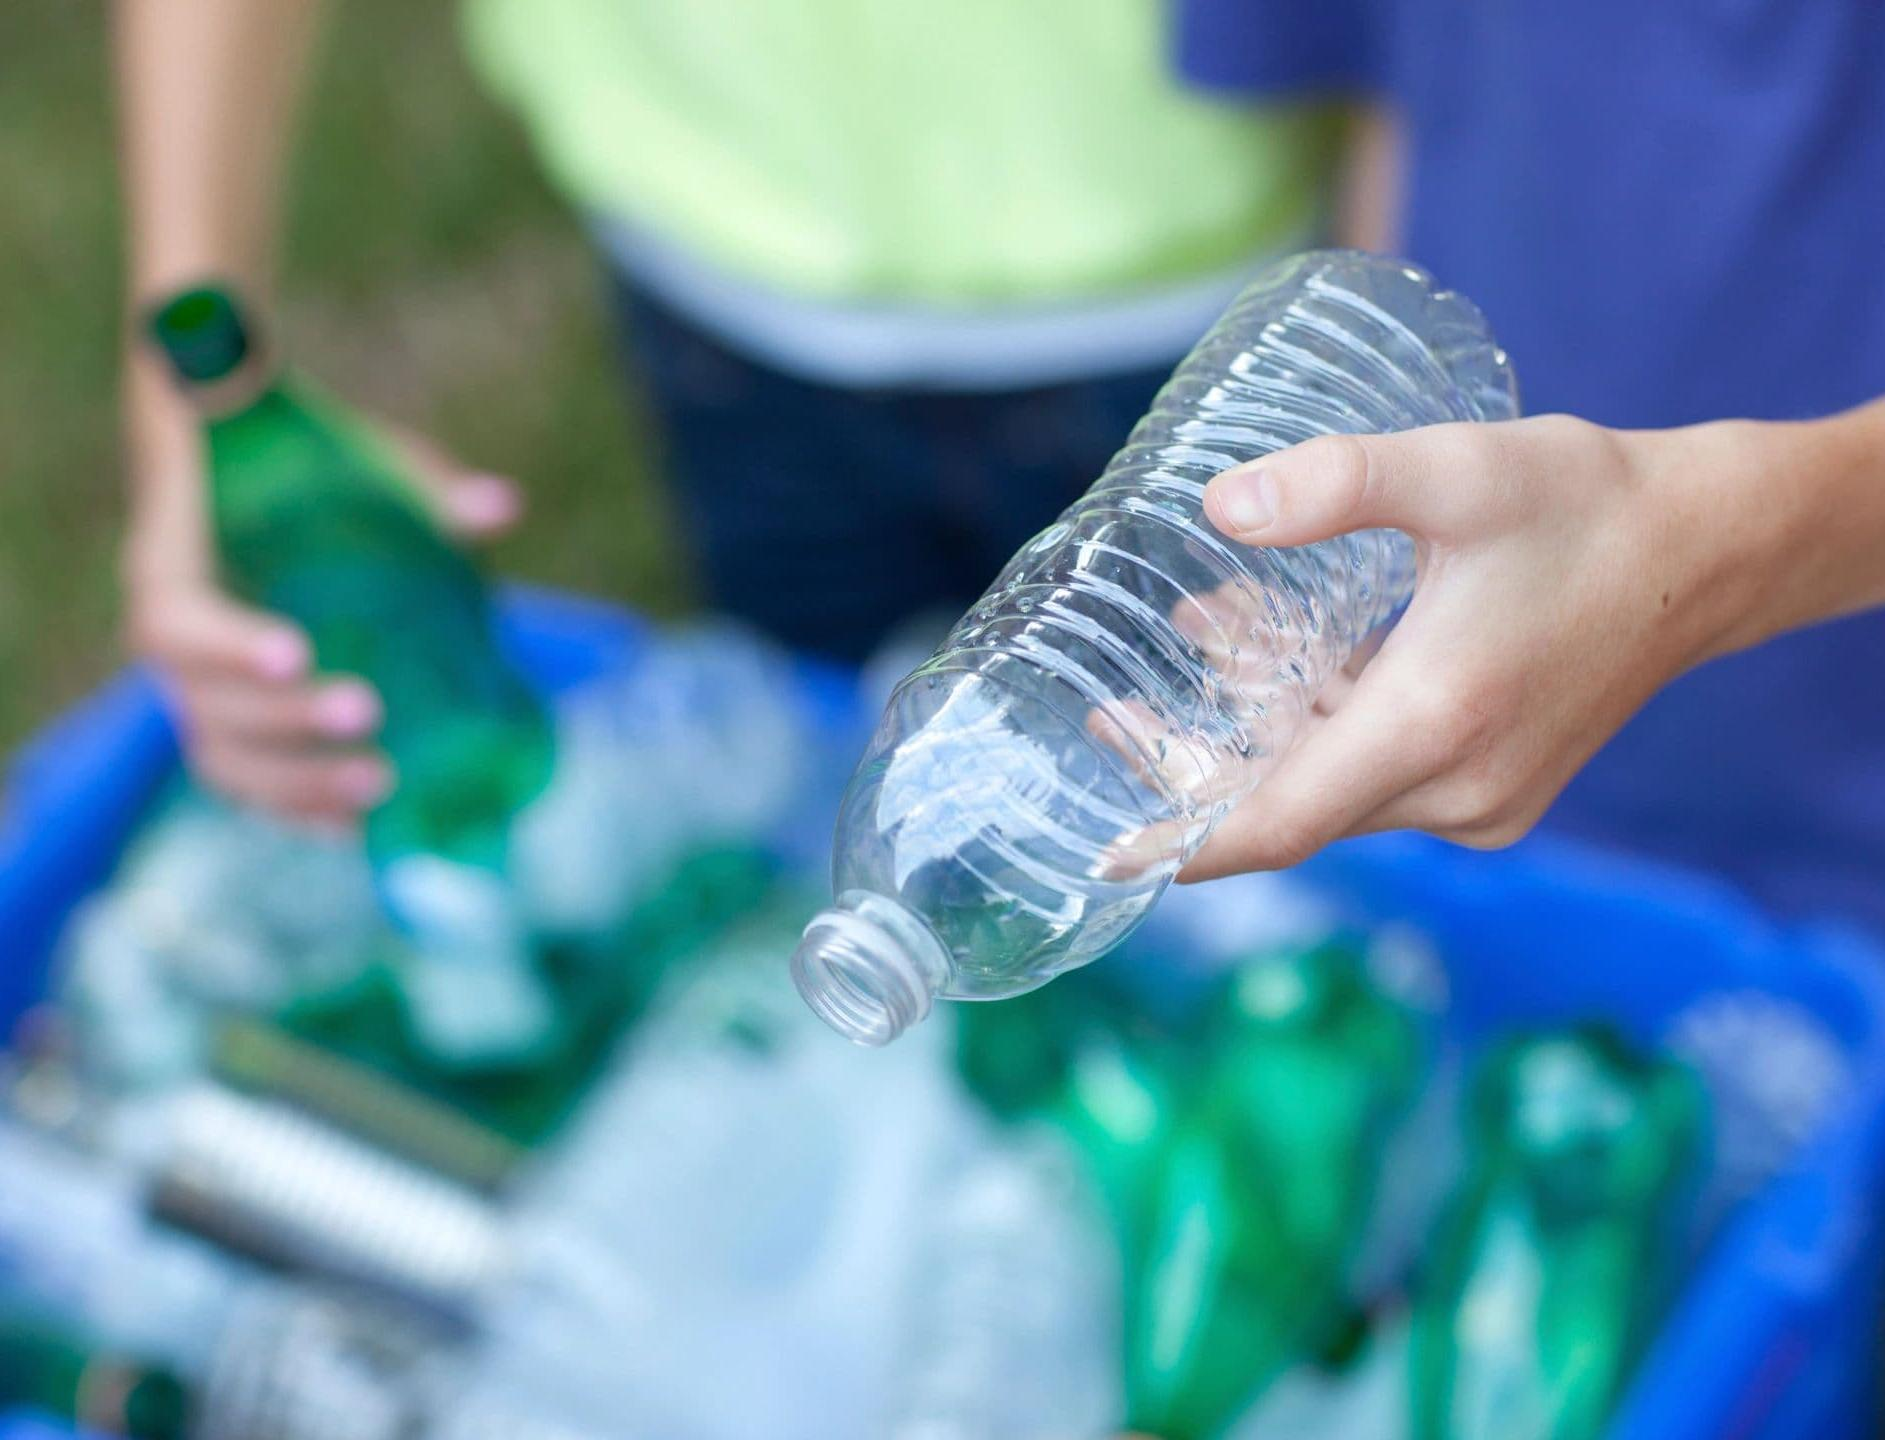 Беларусь предлагает запретить неперерабатываемую упаковку в ЕАЭС